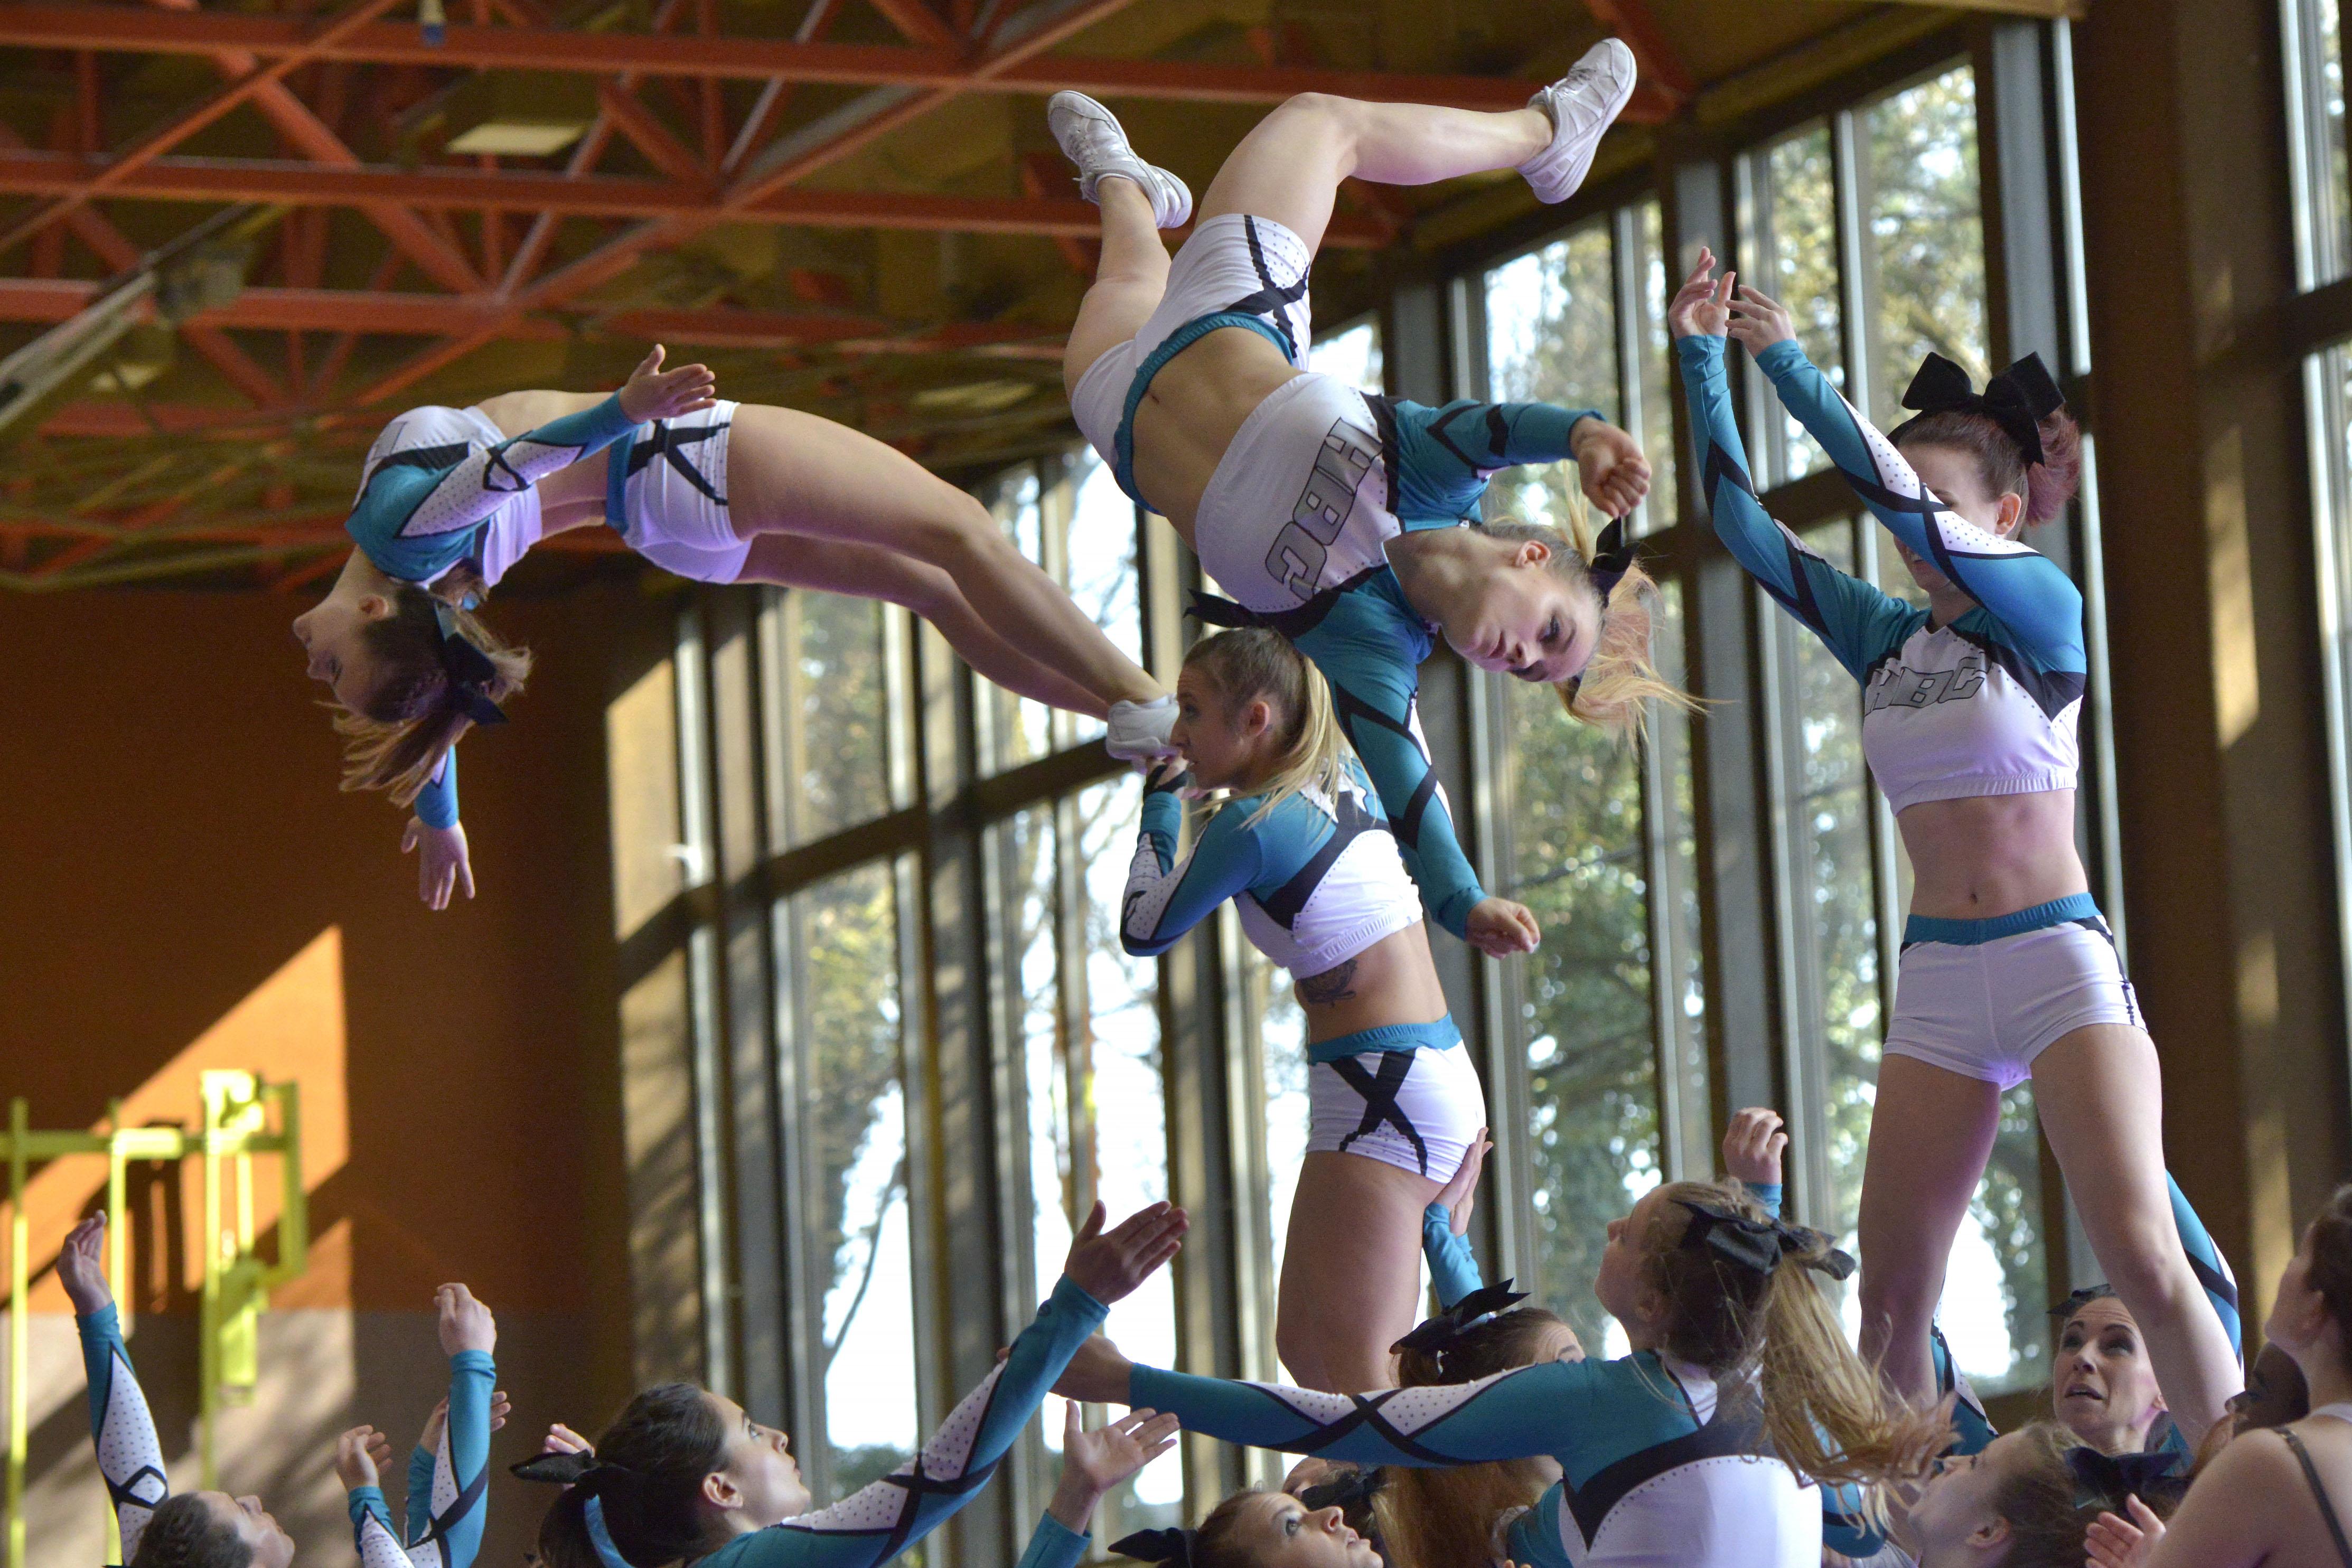 La fête du Cheerleading à Beausobre